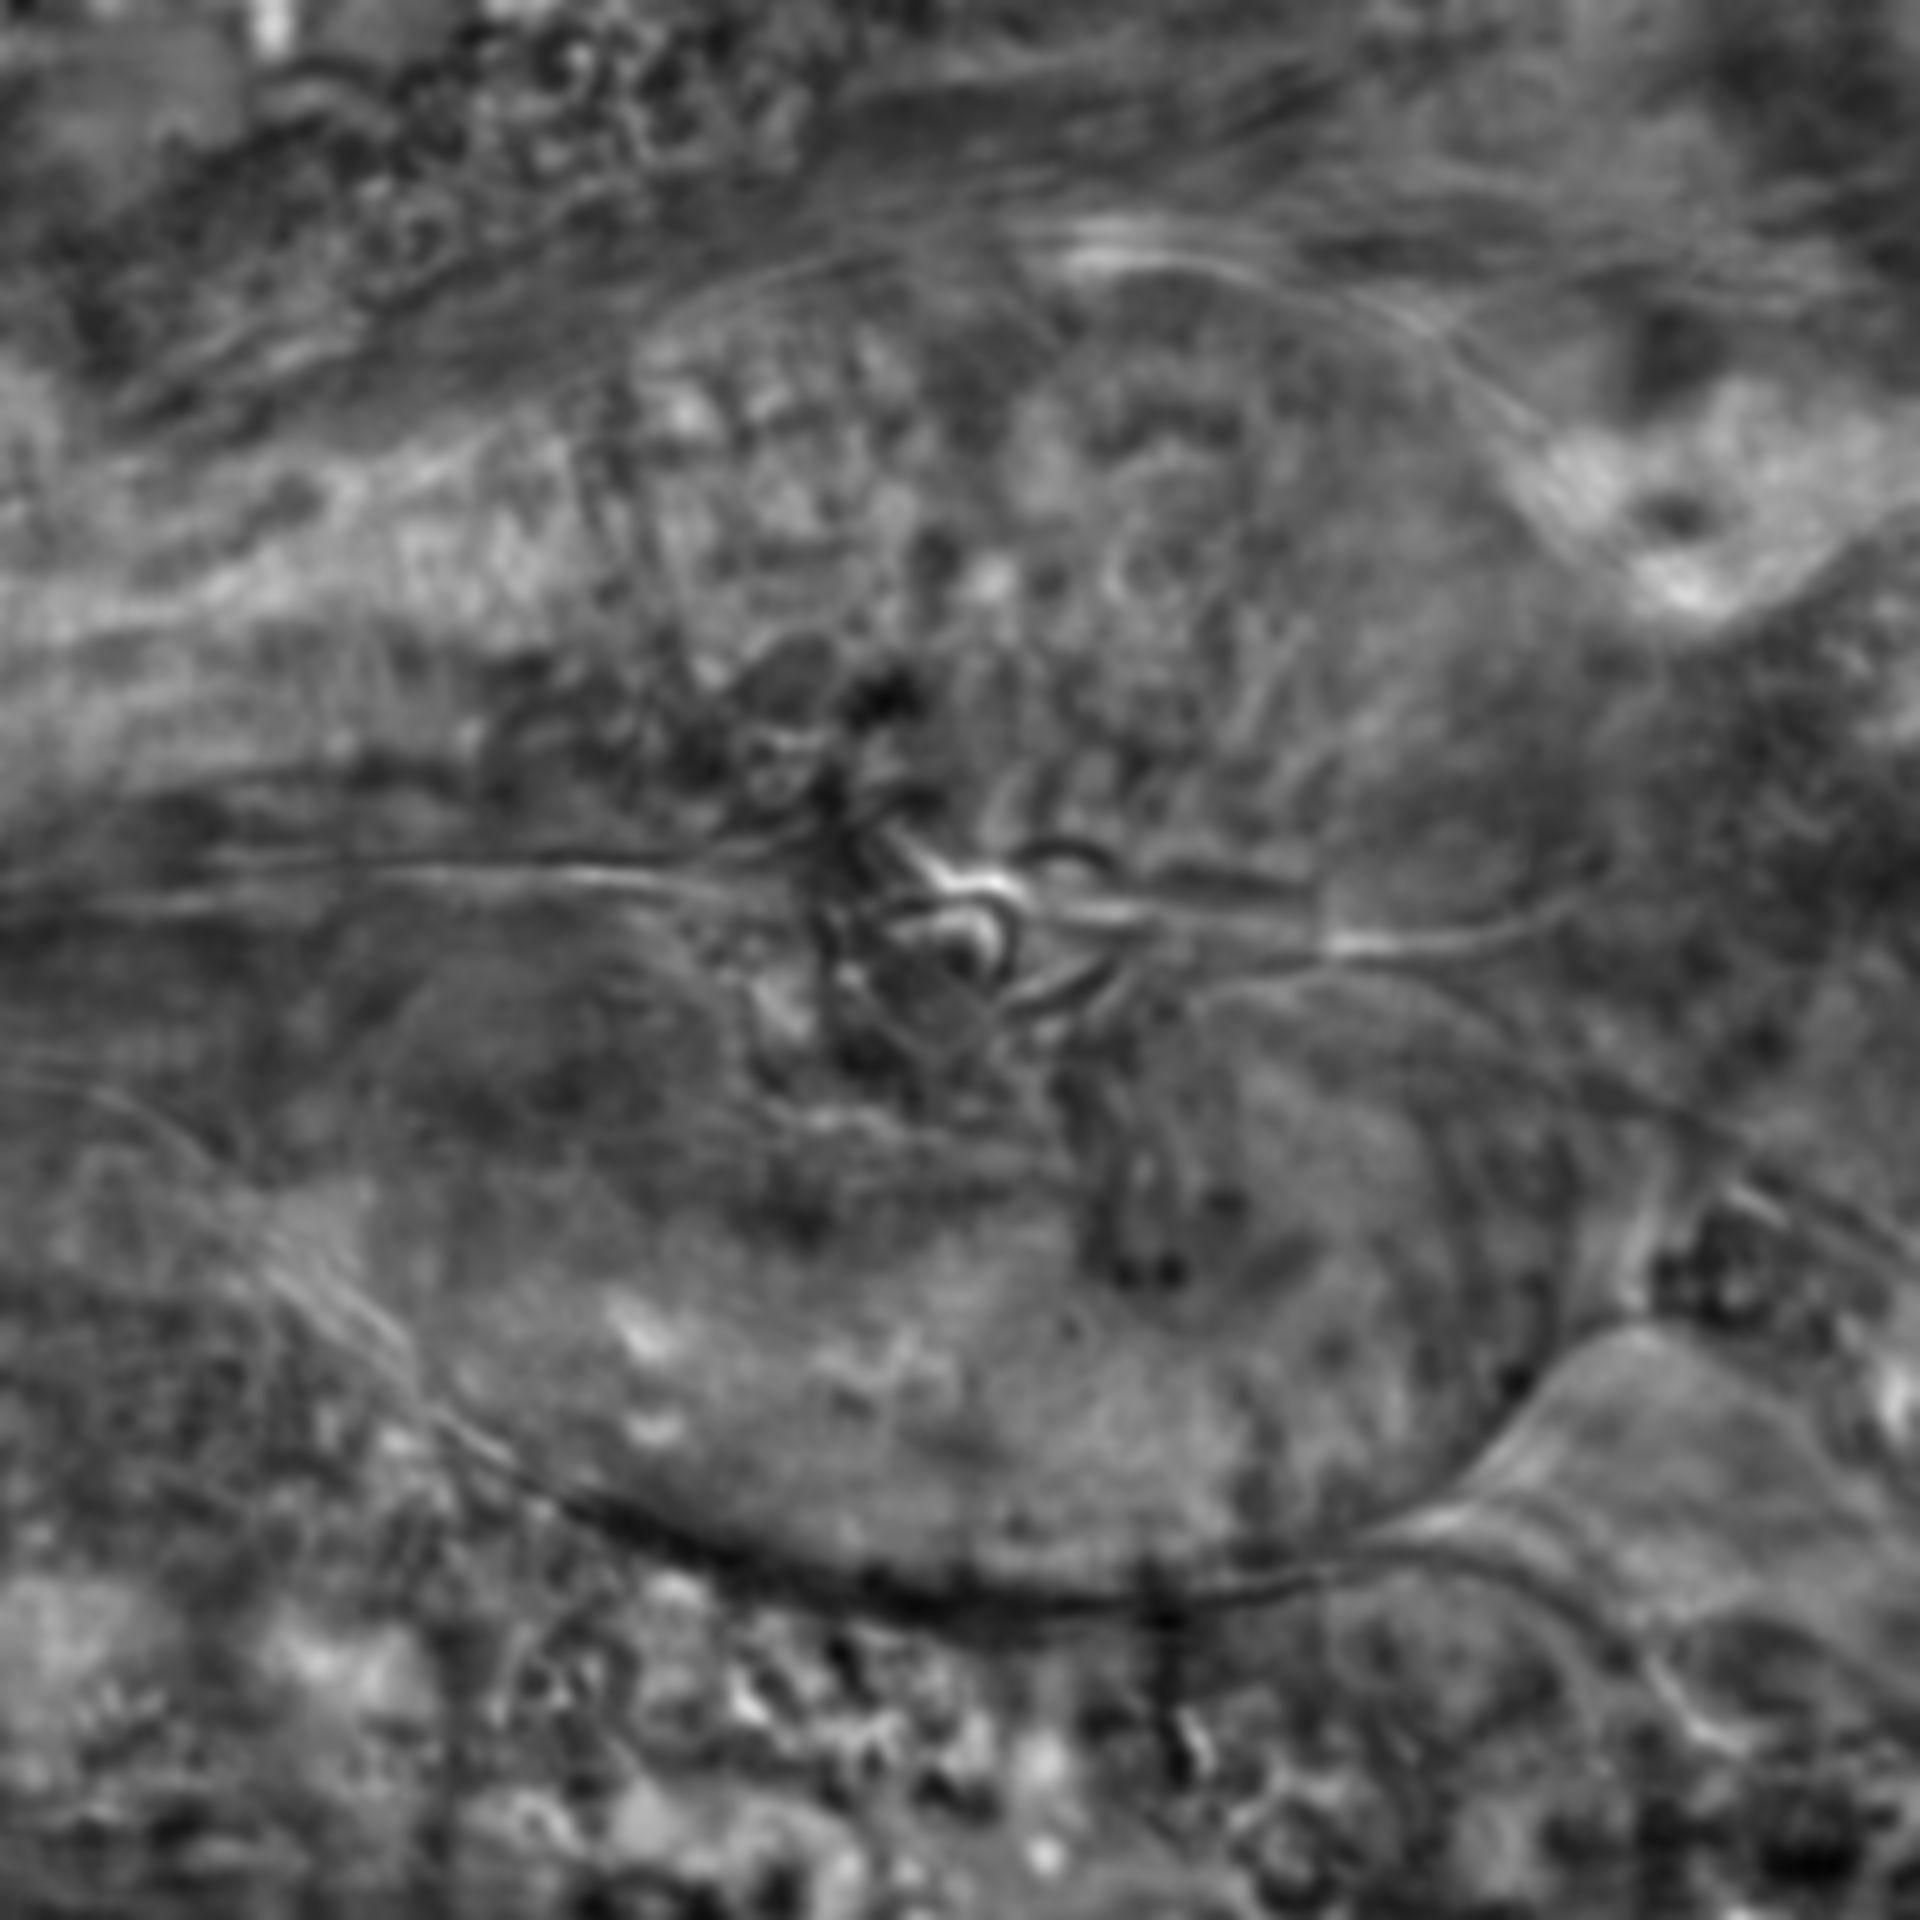 Caenorhabditis elegans - CIL:2138